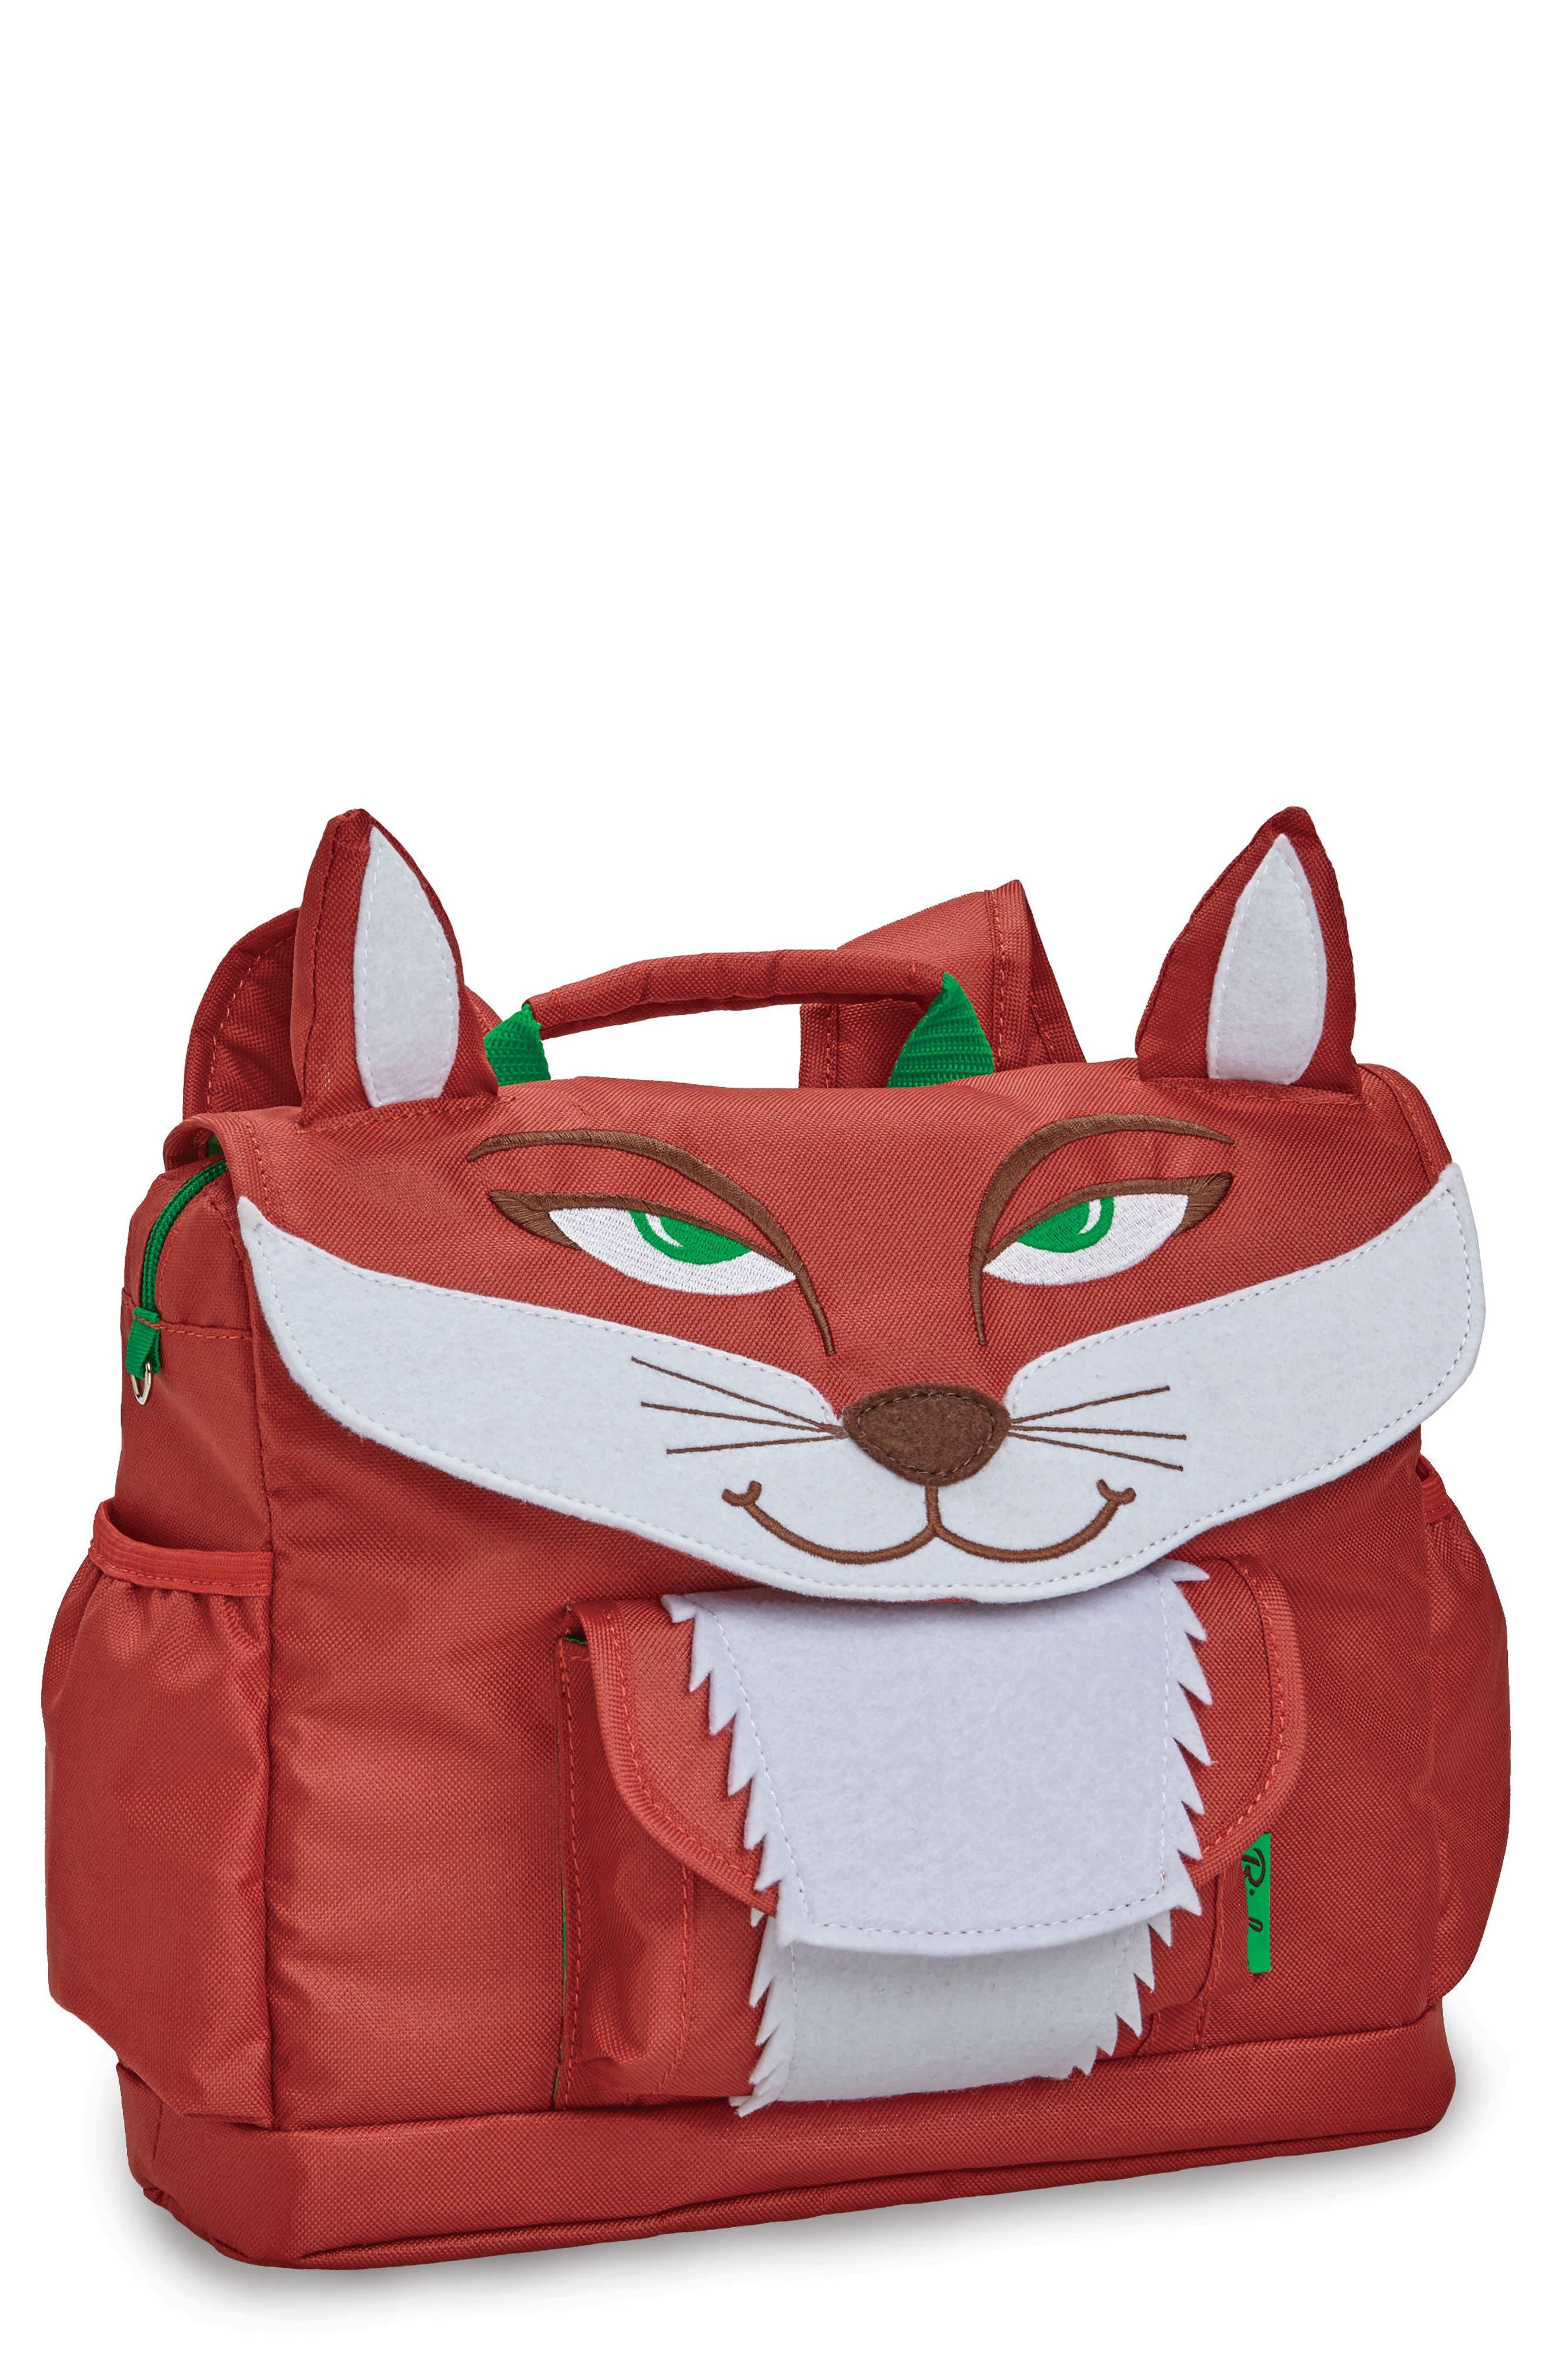 Bixbee Animal Pack - Fox Water Resistant Backpack (Kids)